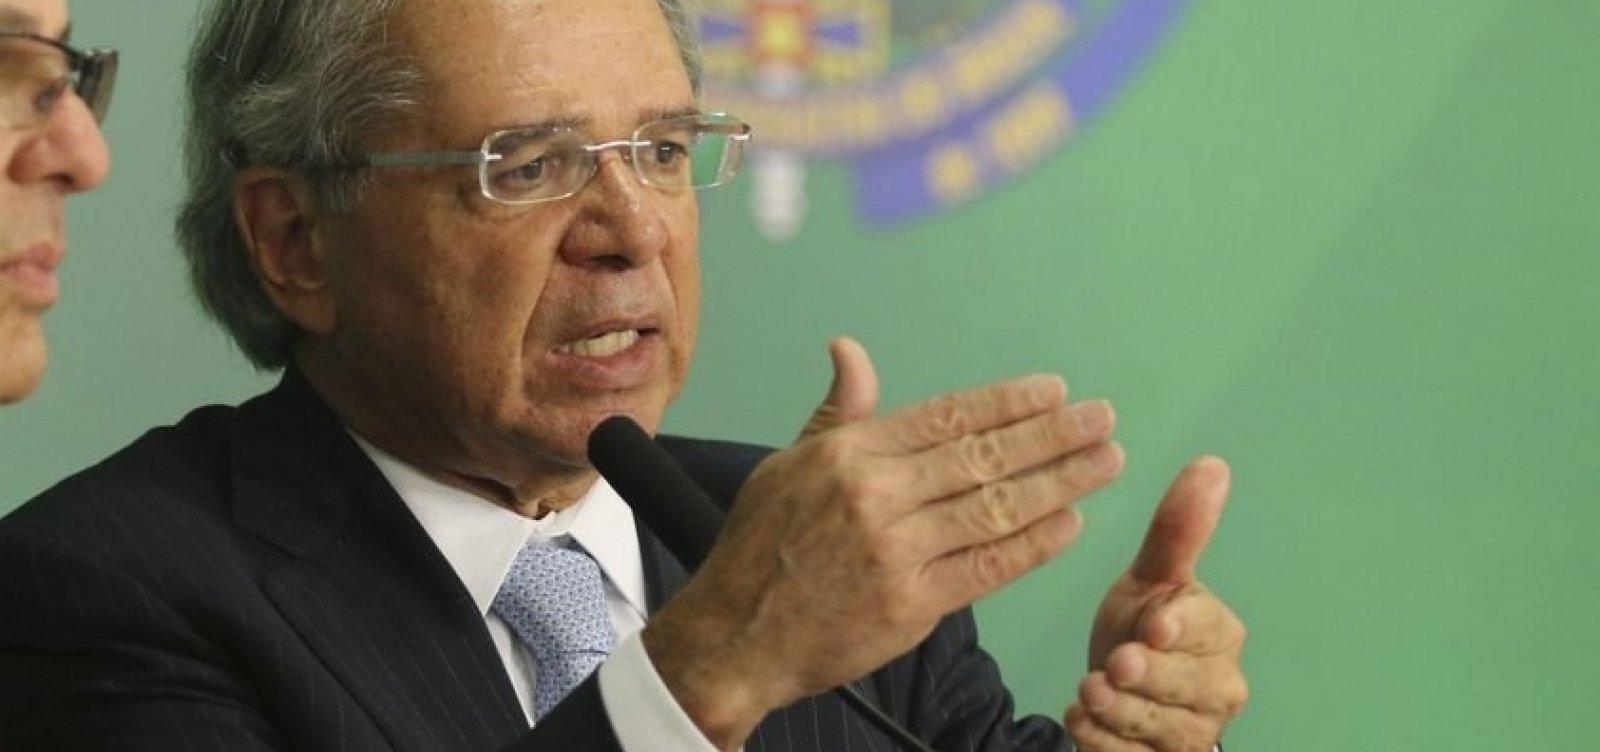 'Somos liberais e liberais não aumentam impostos', diz Guedes